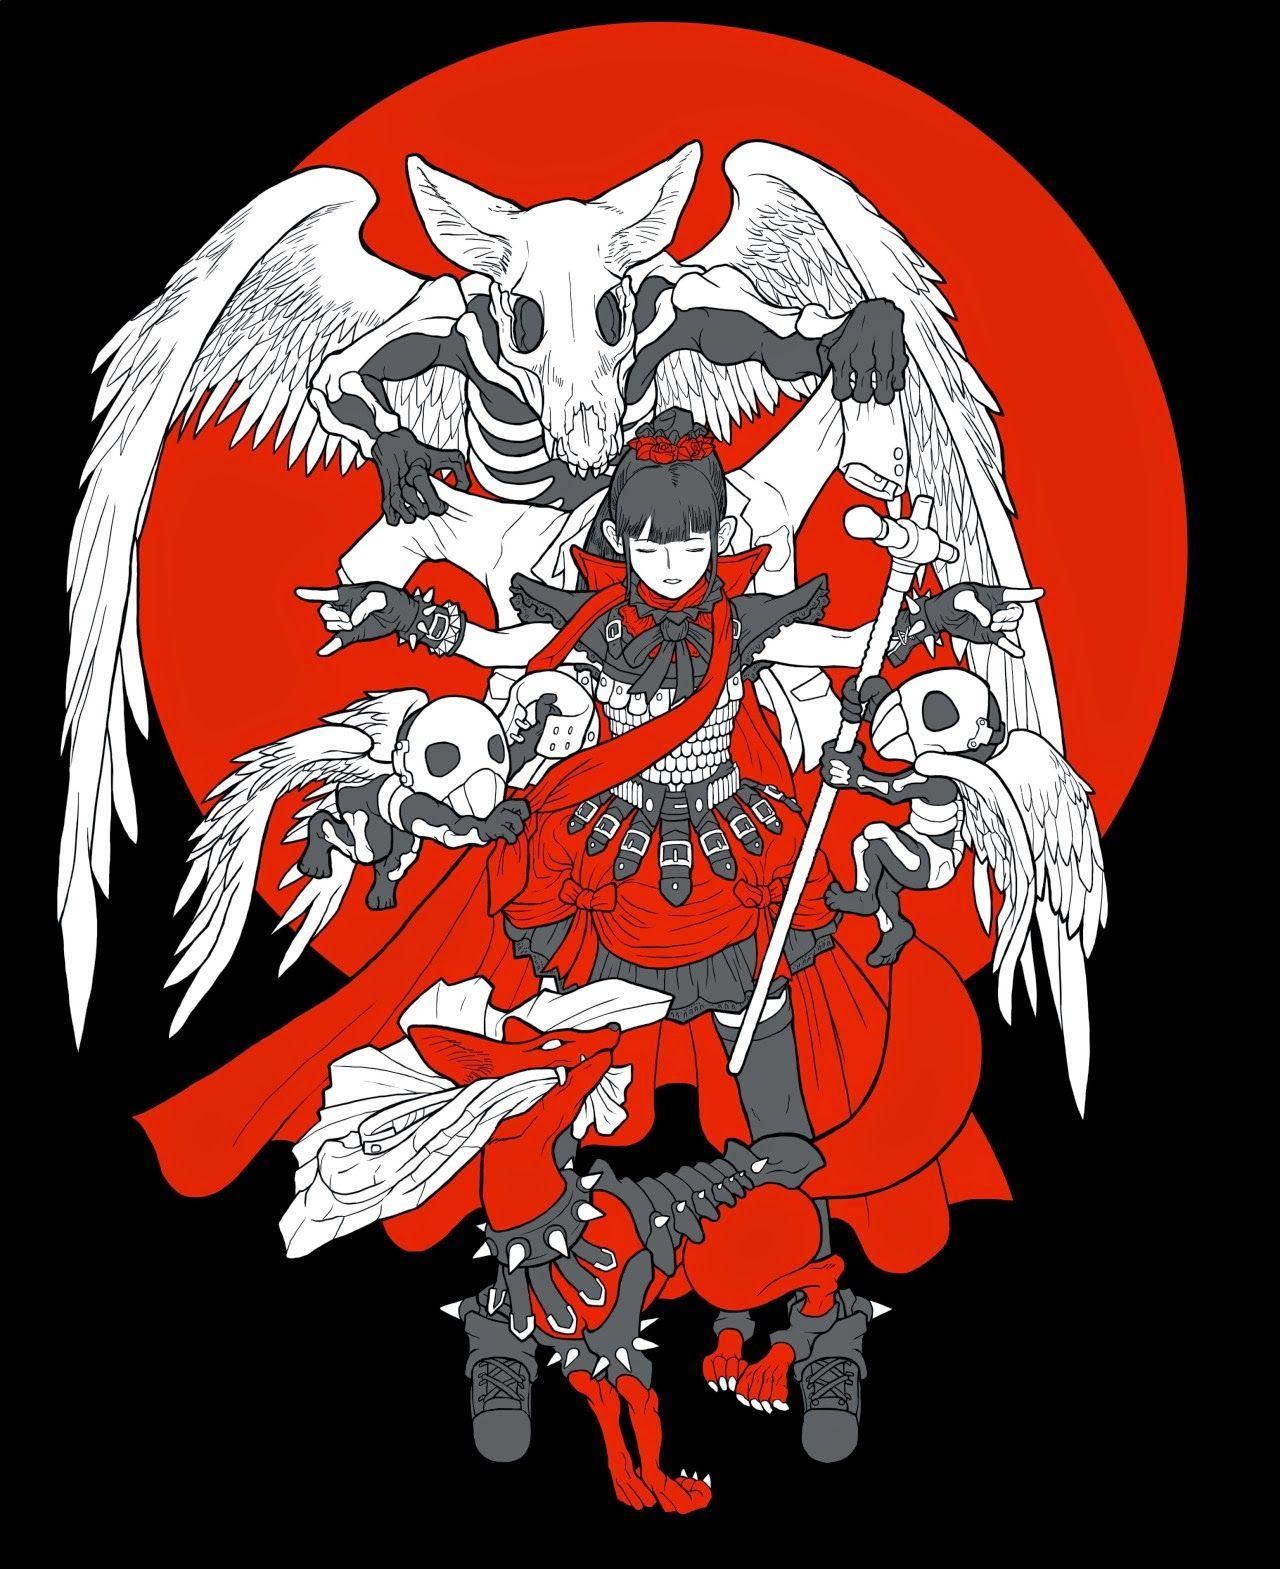 BABYMETAL FAN Babymetal Fan Art by Hirokazu Sato Doki